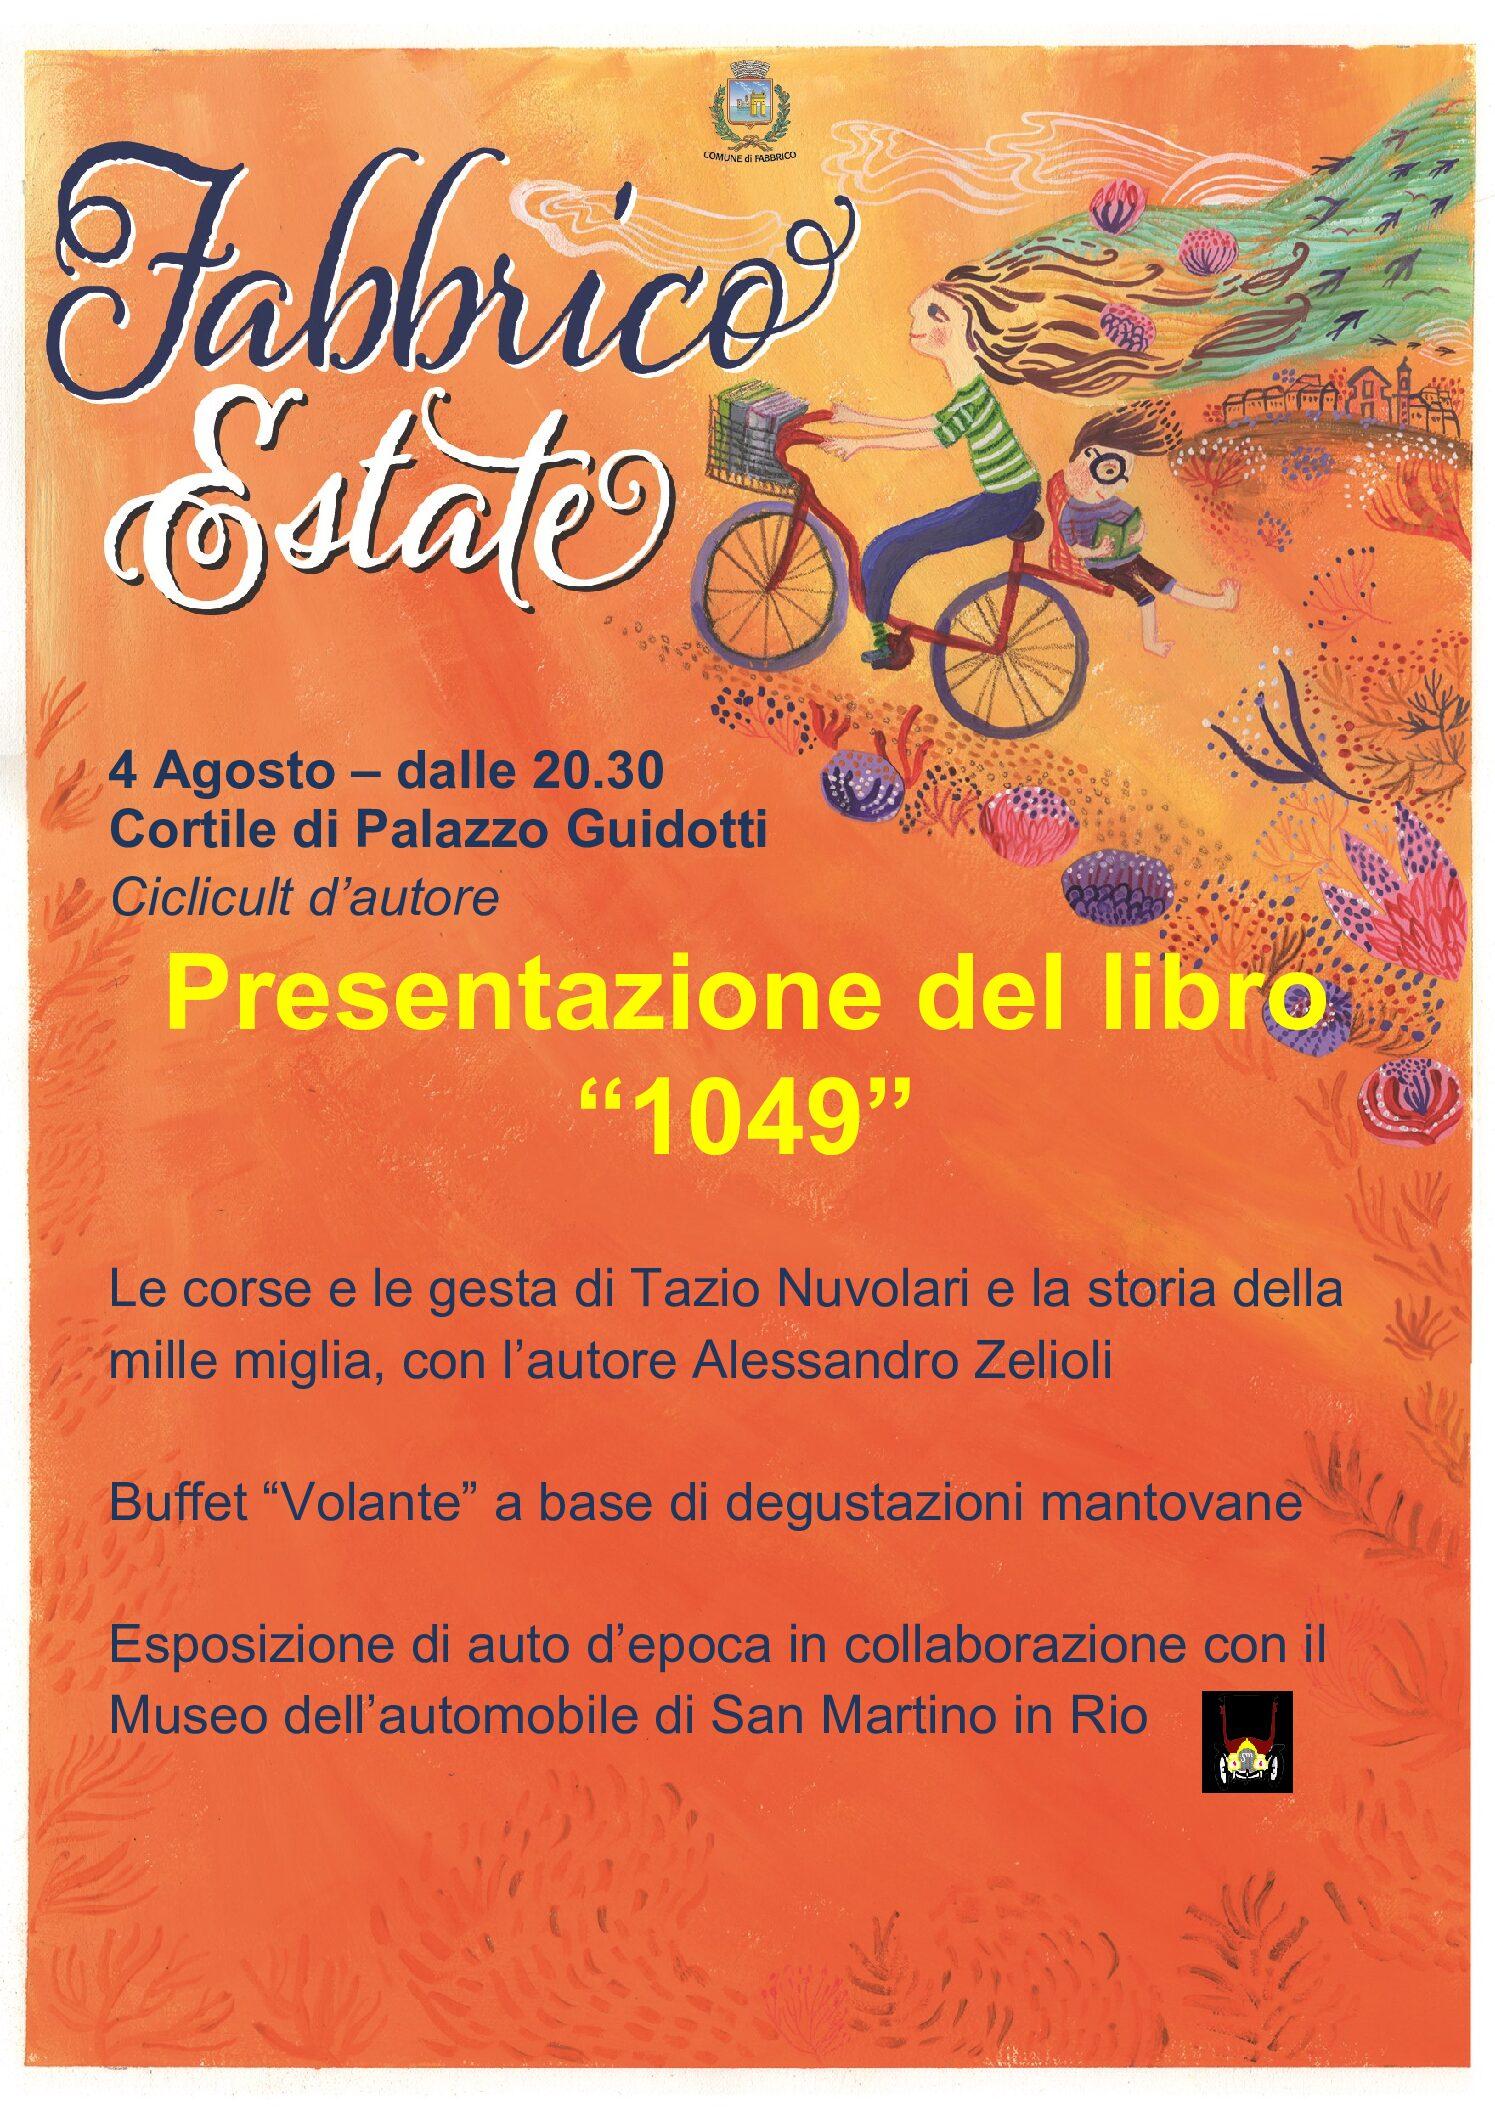 """Presentazione del libro """"1049"""" di Eugenio Pattacini e Alessando Zelioli"""